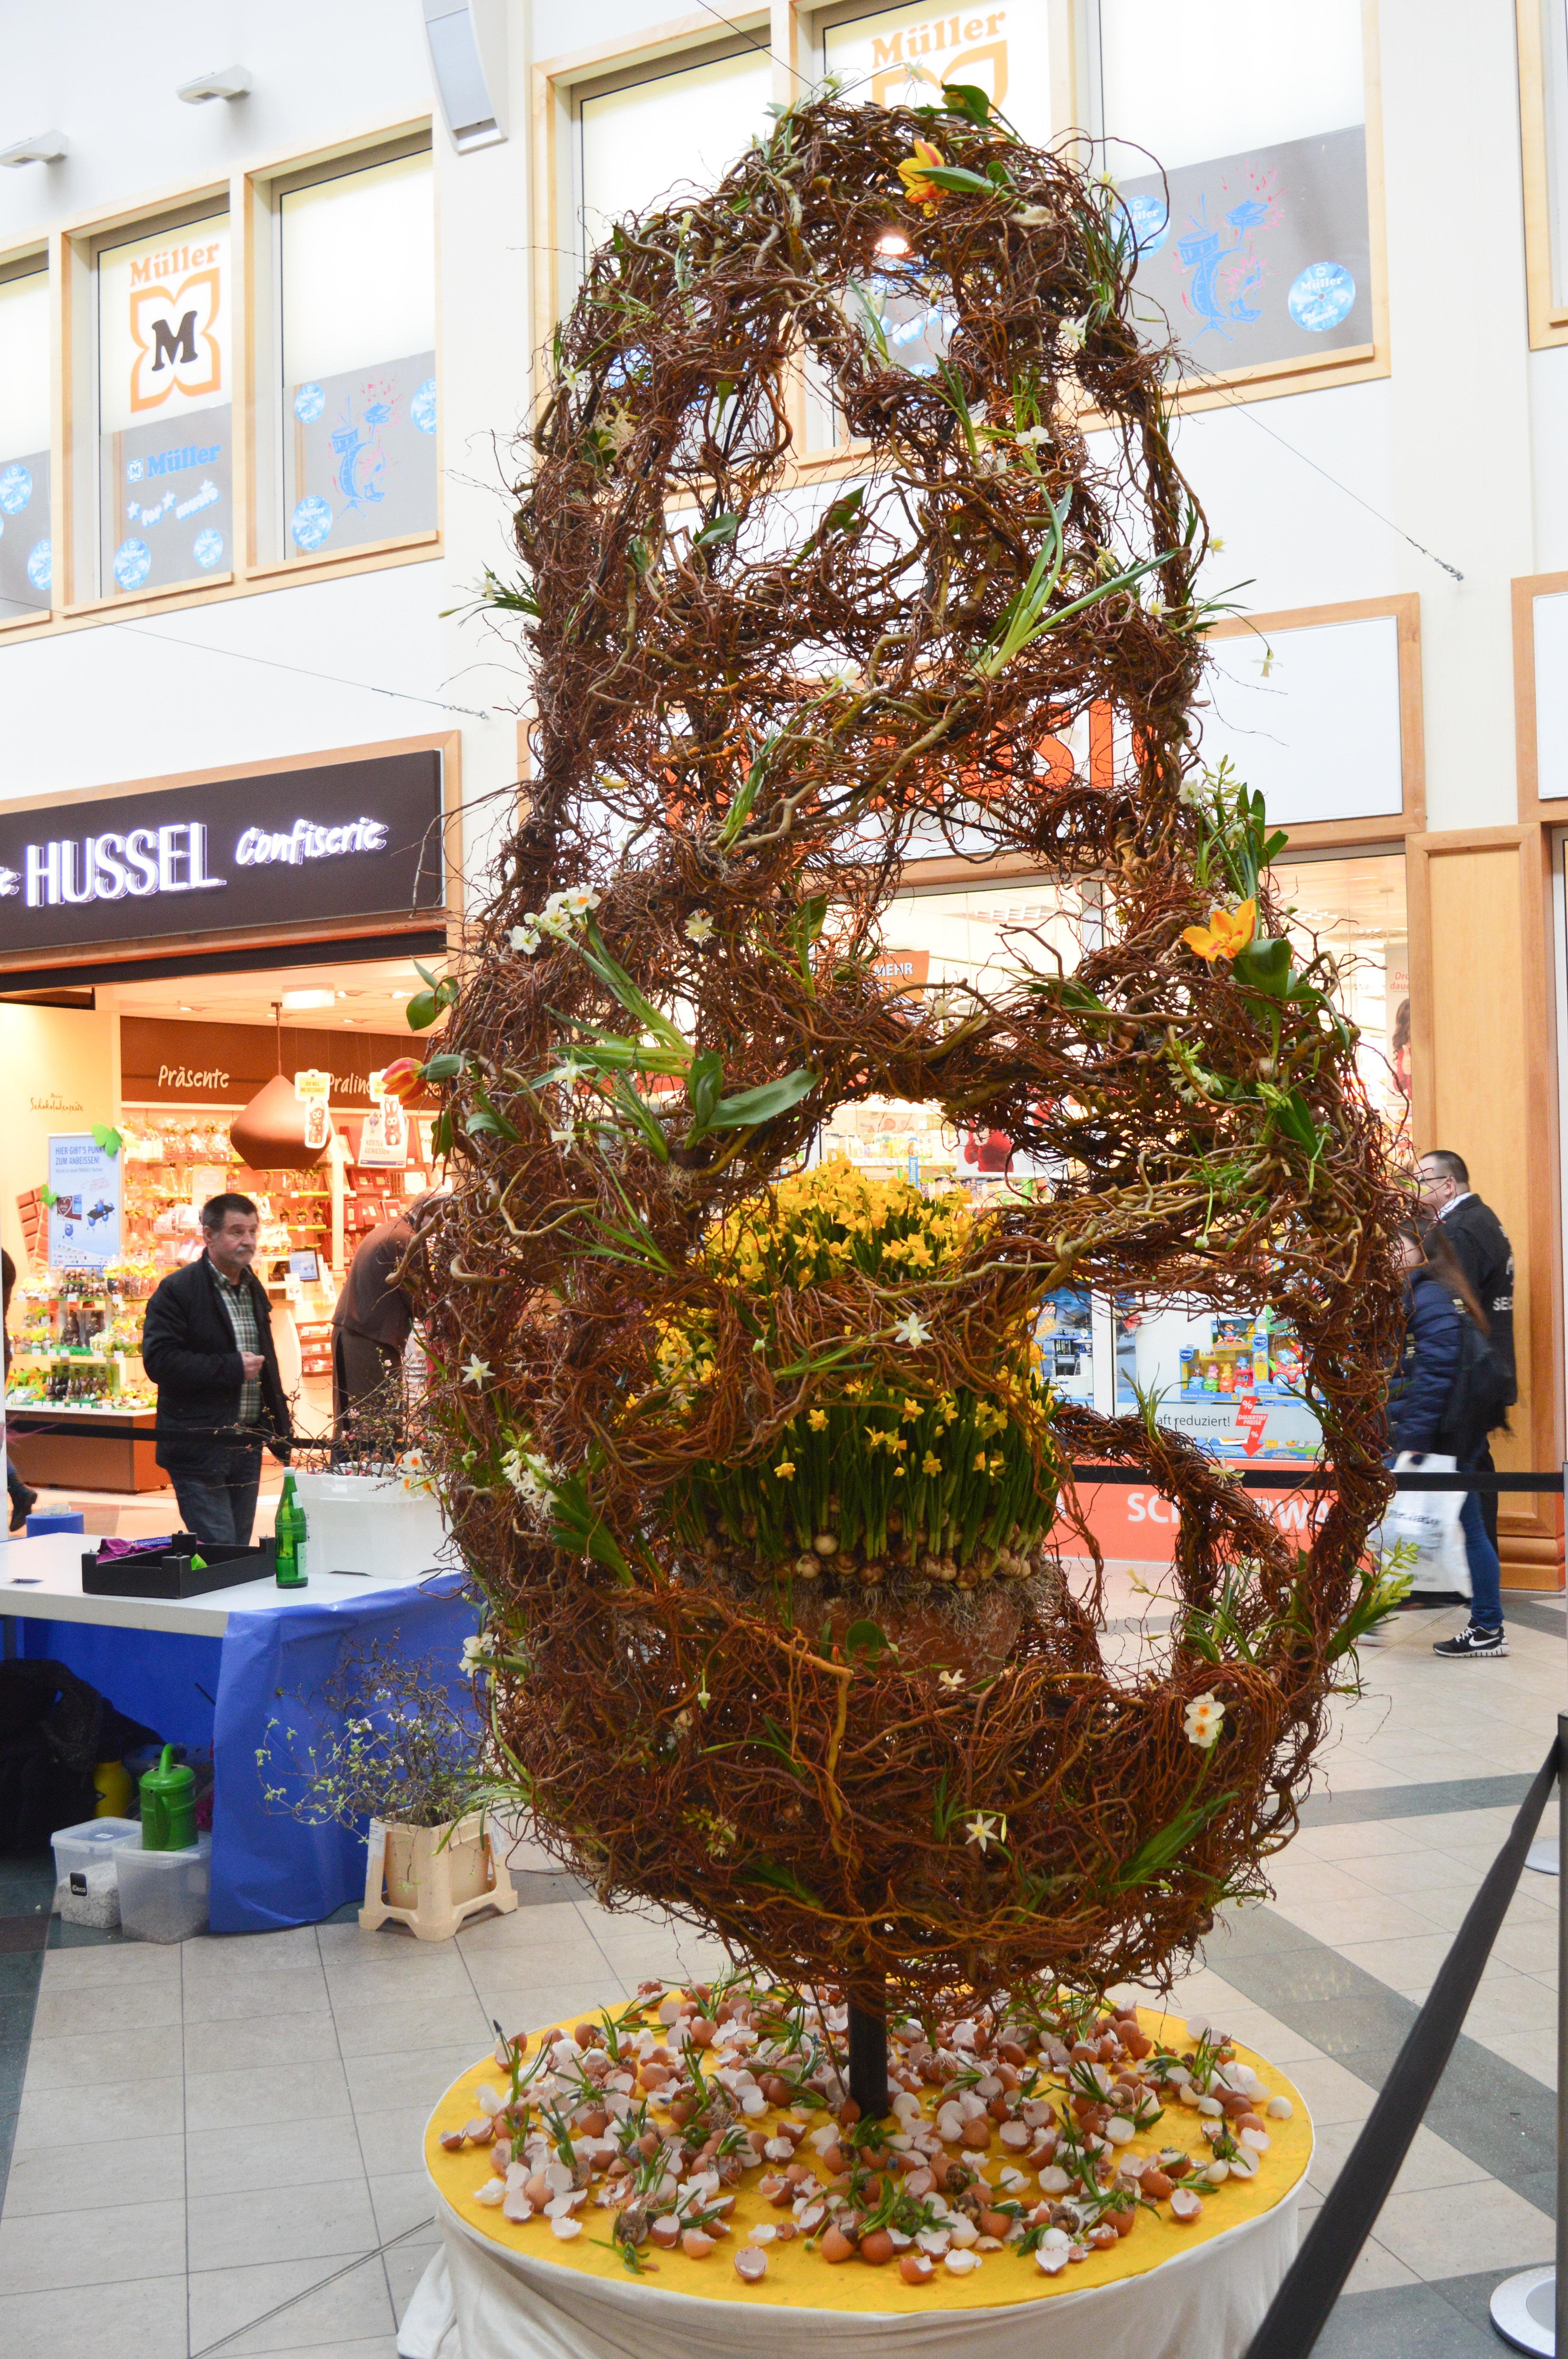 Florist_Geschäft_des_Jahres16-30